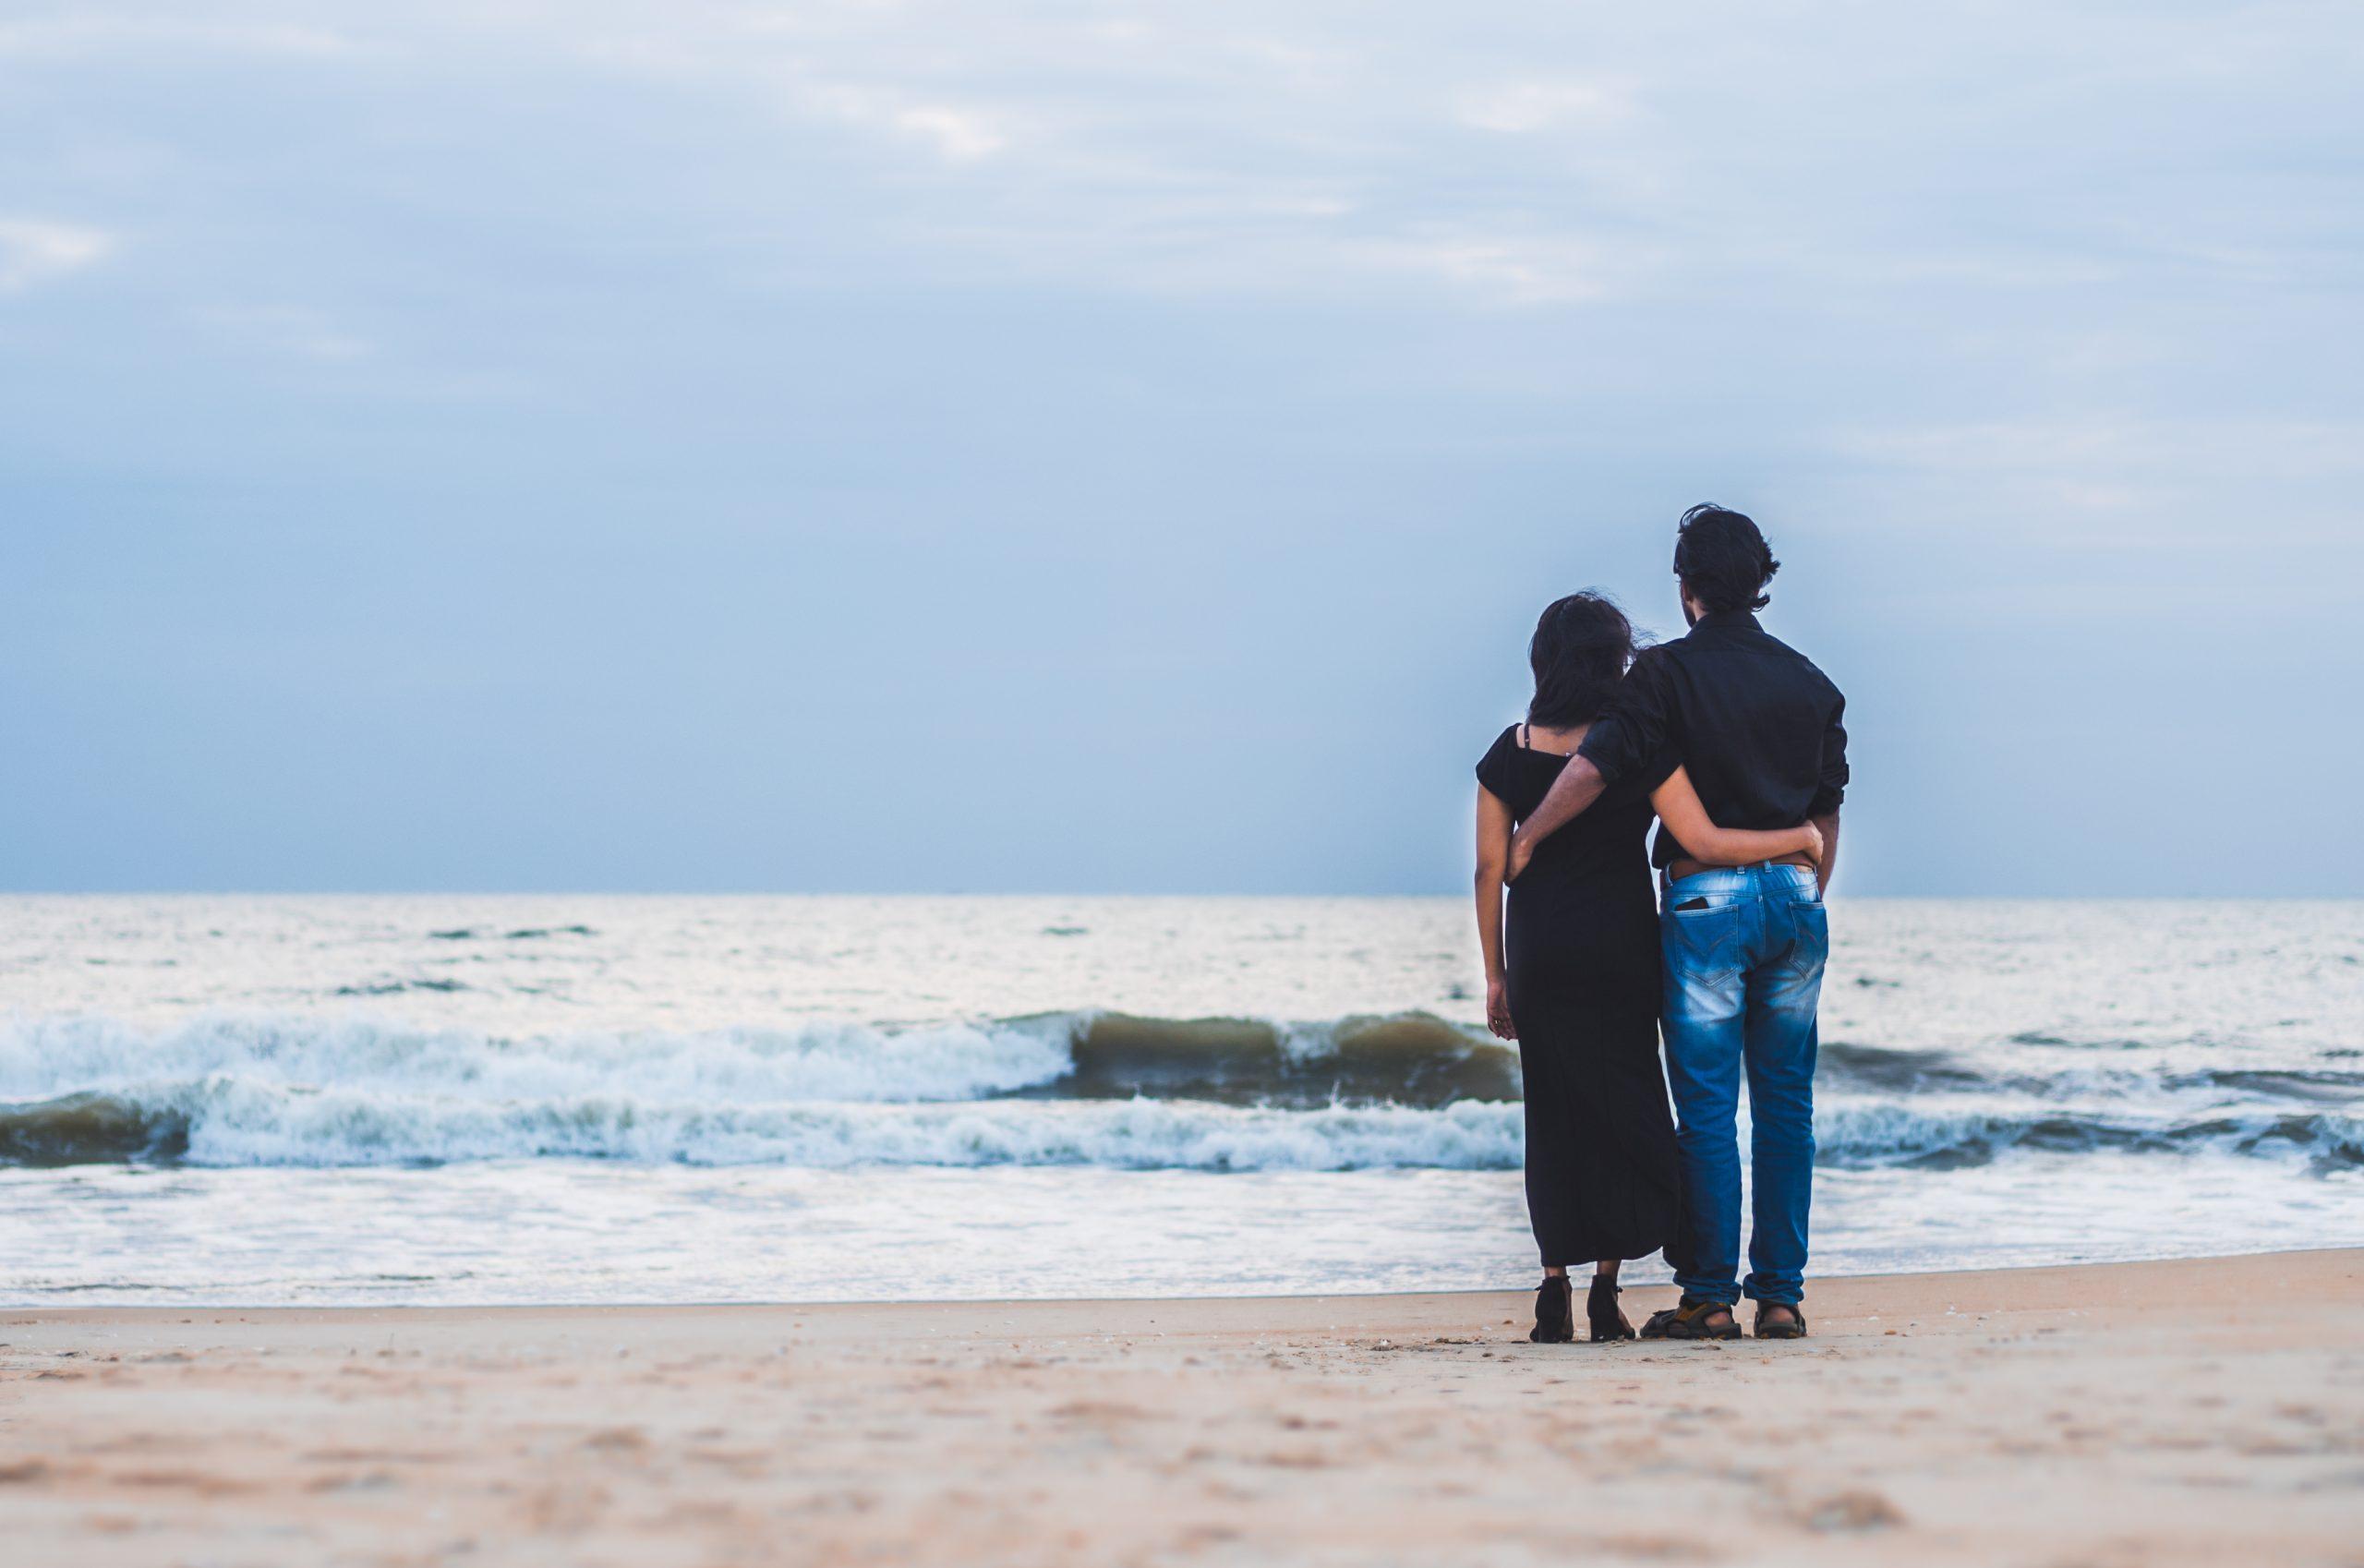 A couple at a beach